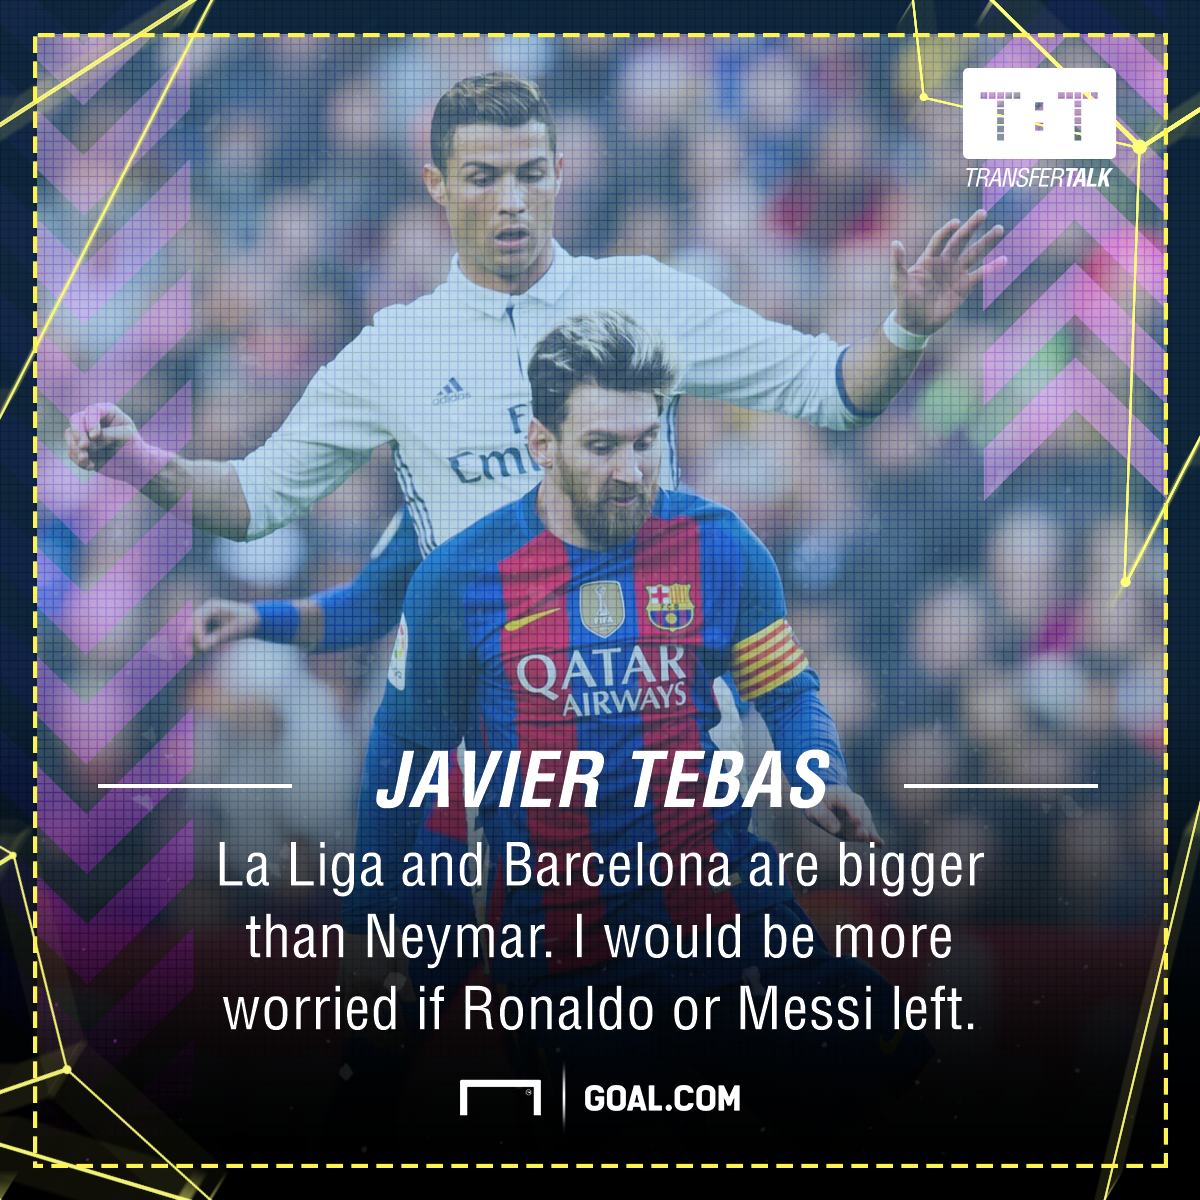 Lionel Messi Cristiano Ronaldo Neymar Javier Tebas La Liga